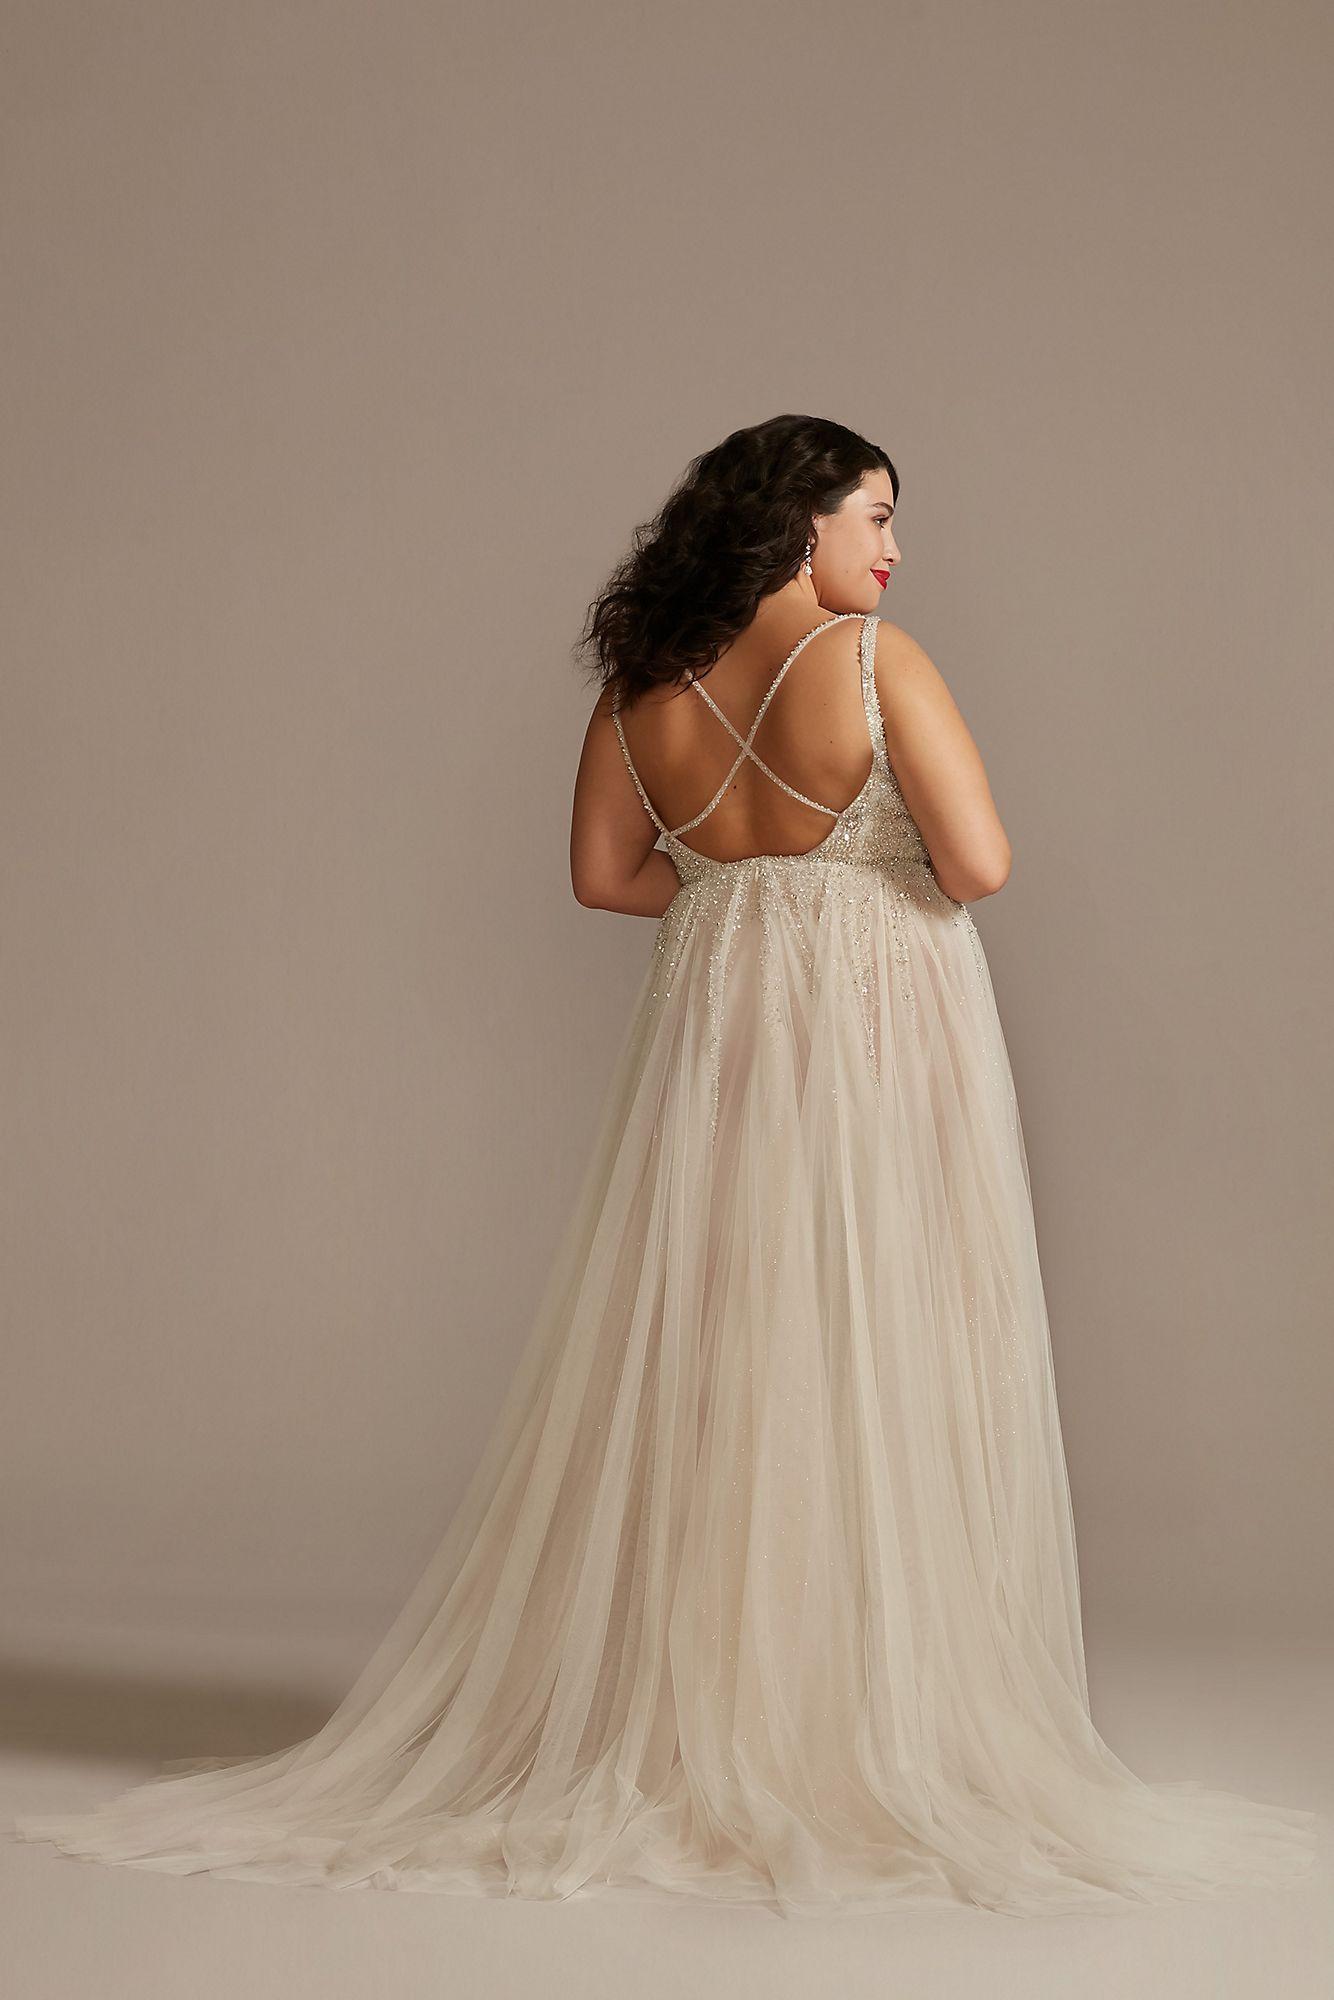 Beaded Illusion Plus Size Bodysuit Wedding Dress Galina Signature ...